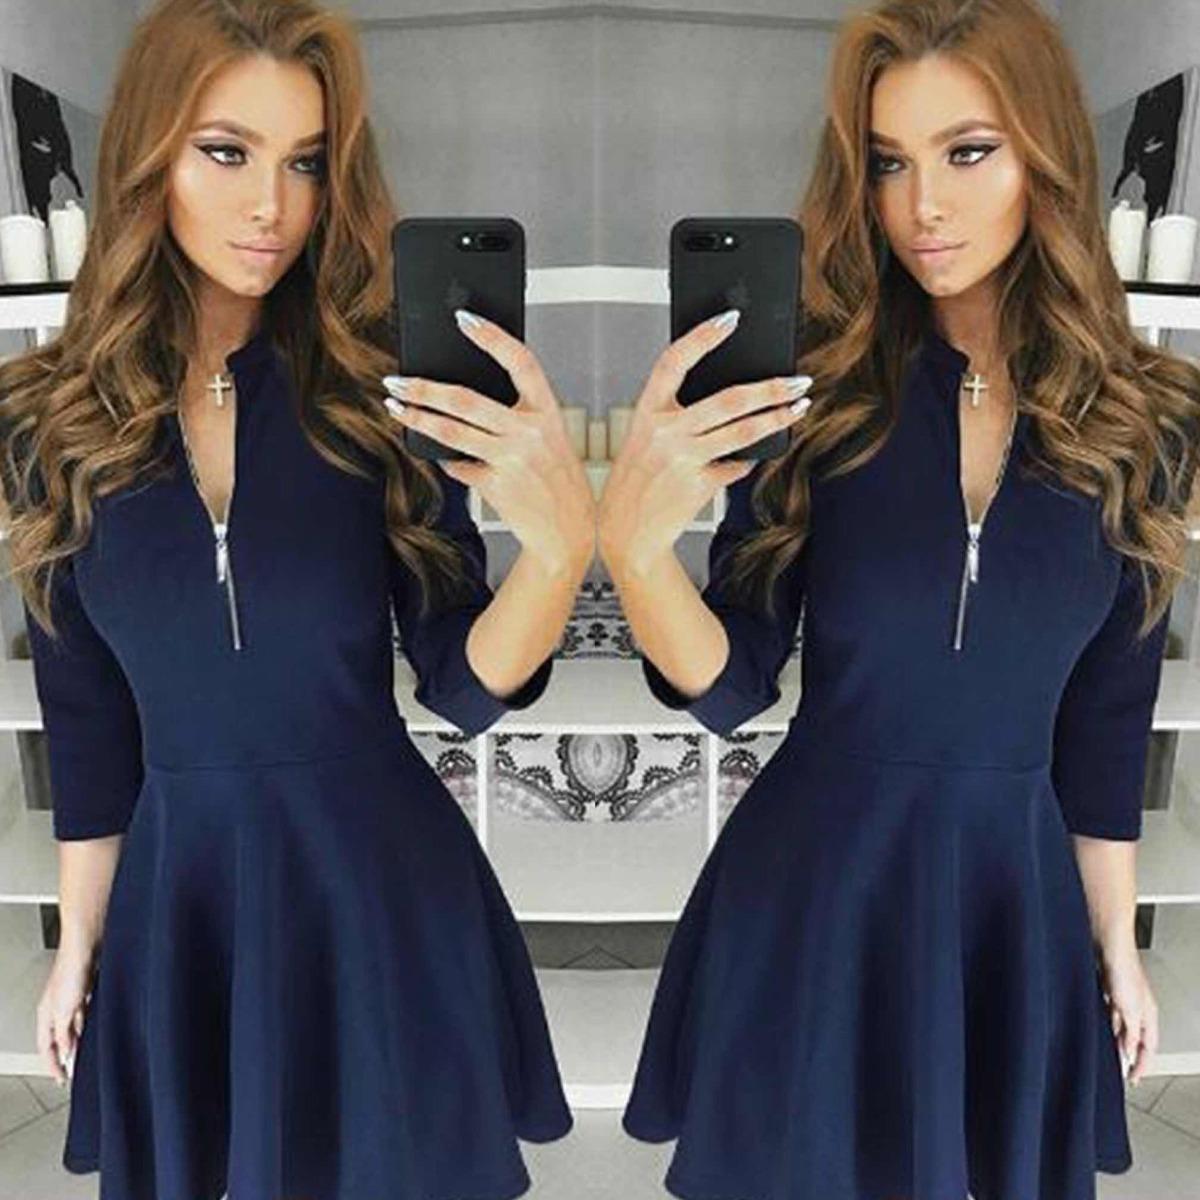 f69c4264d0 Vestido Azul Invierno Abi -   24.900 en Mercado Libre